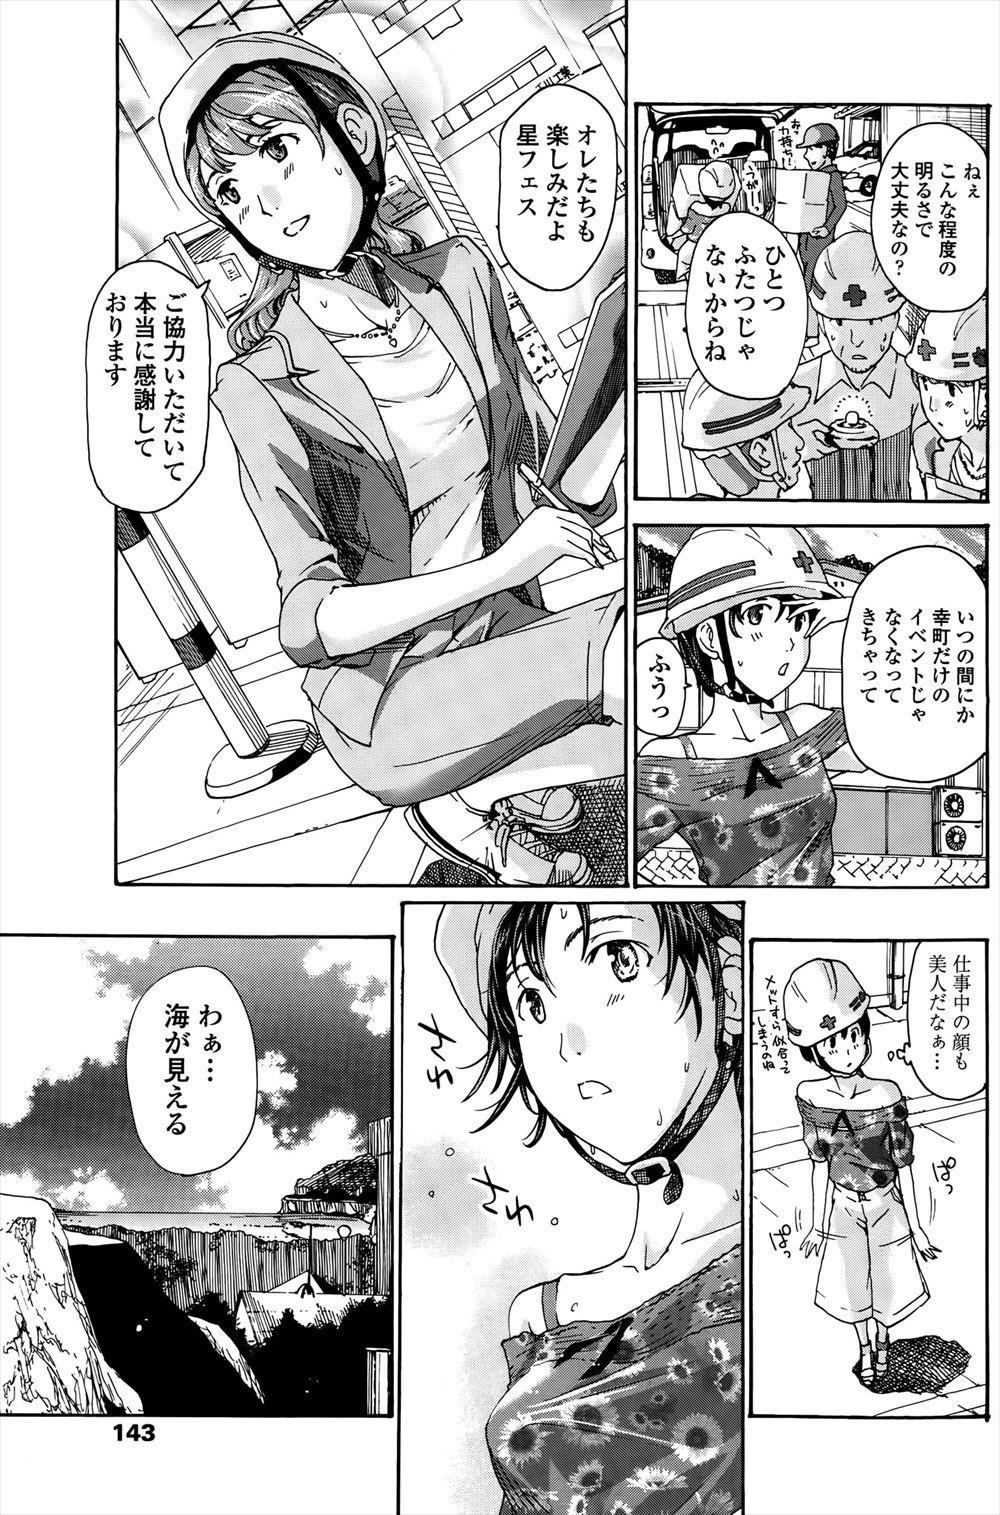 【エロ漫画・エロ同人誌】年上の巨乳彼女と付き合ってるちっぱい少女が青姦レズセックスしてるンゴwww (7)